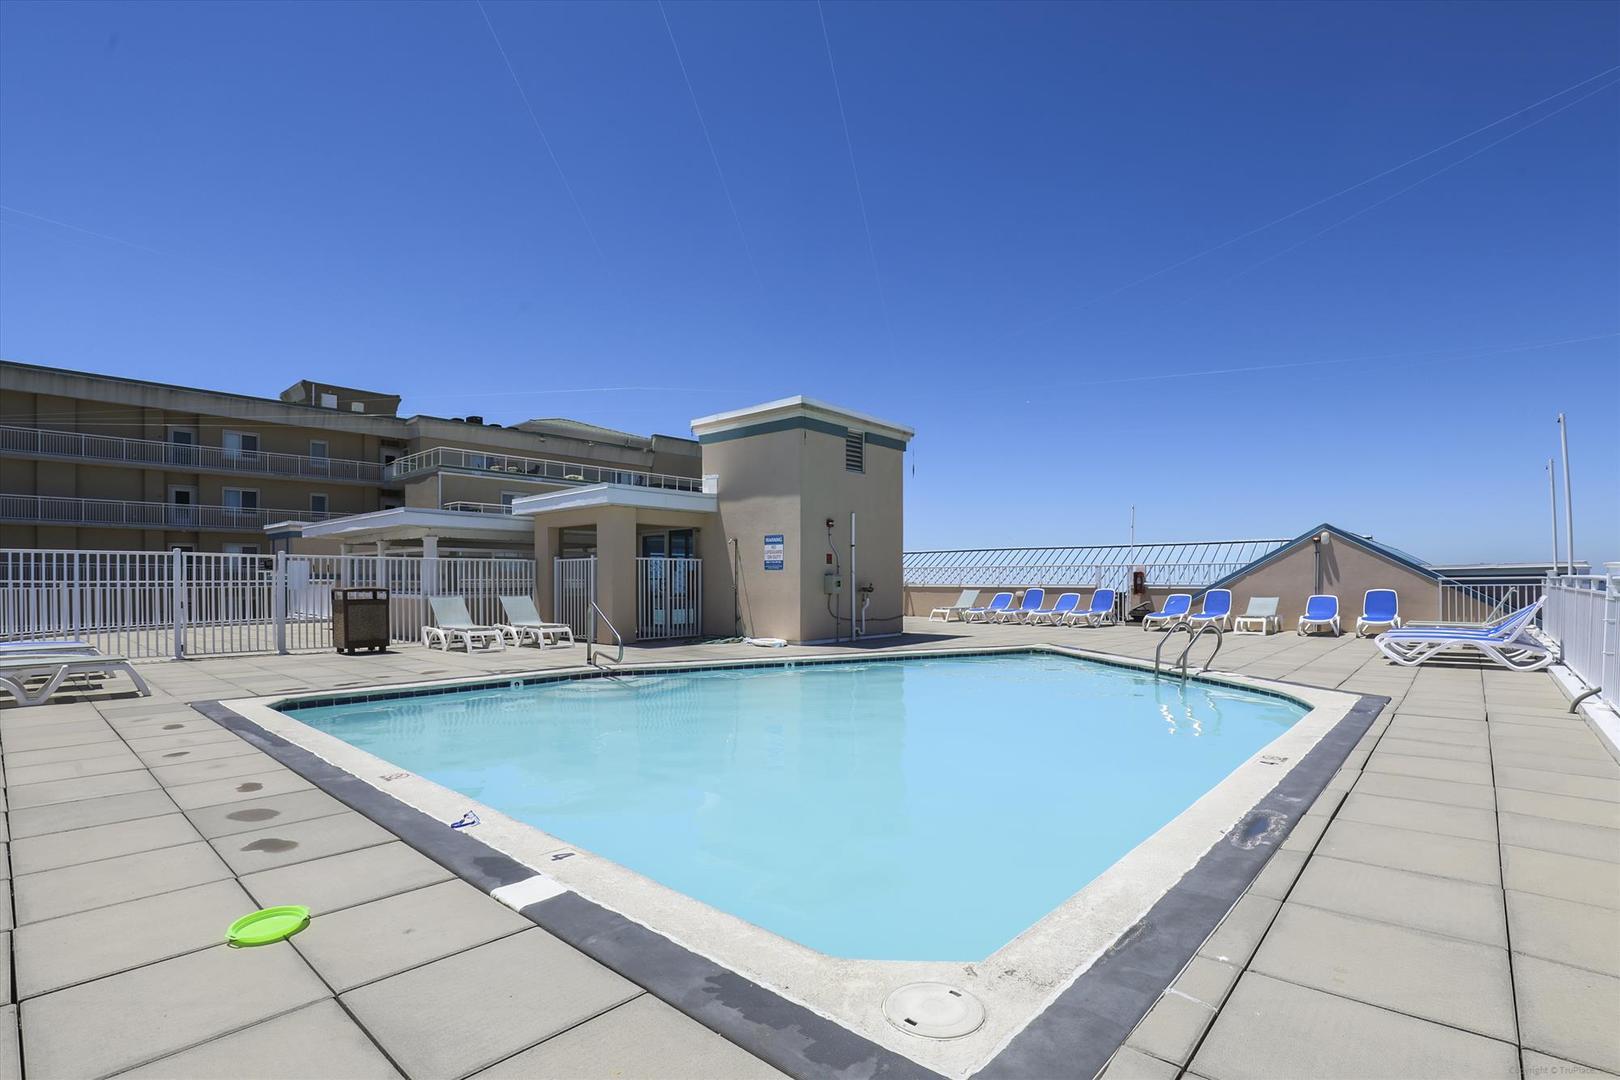 Sunset Beach - Outdoor Pool (open seasonally)